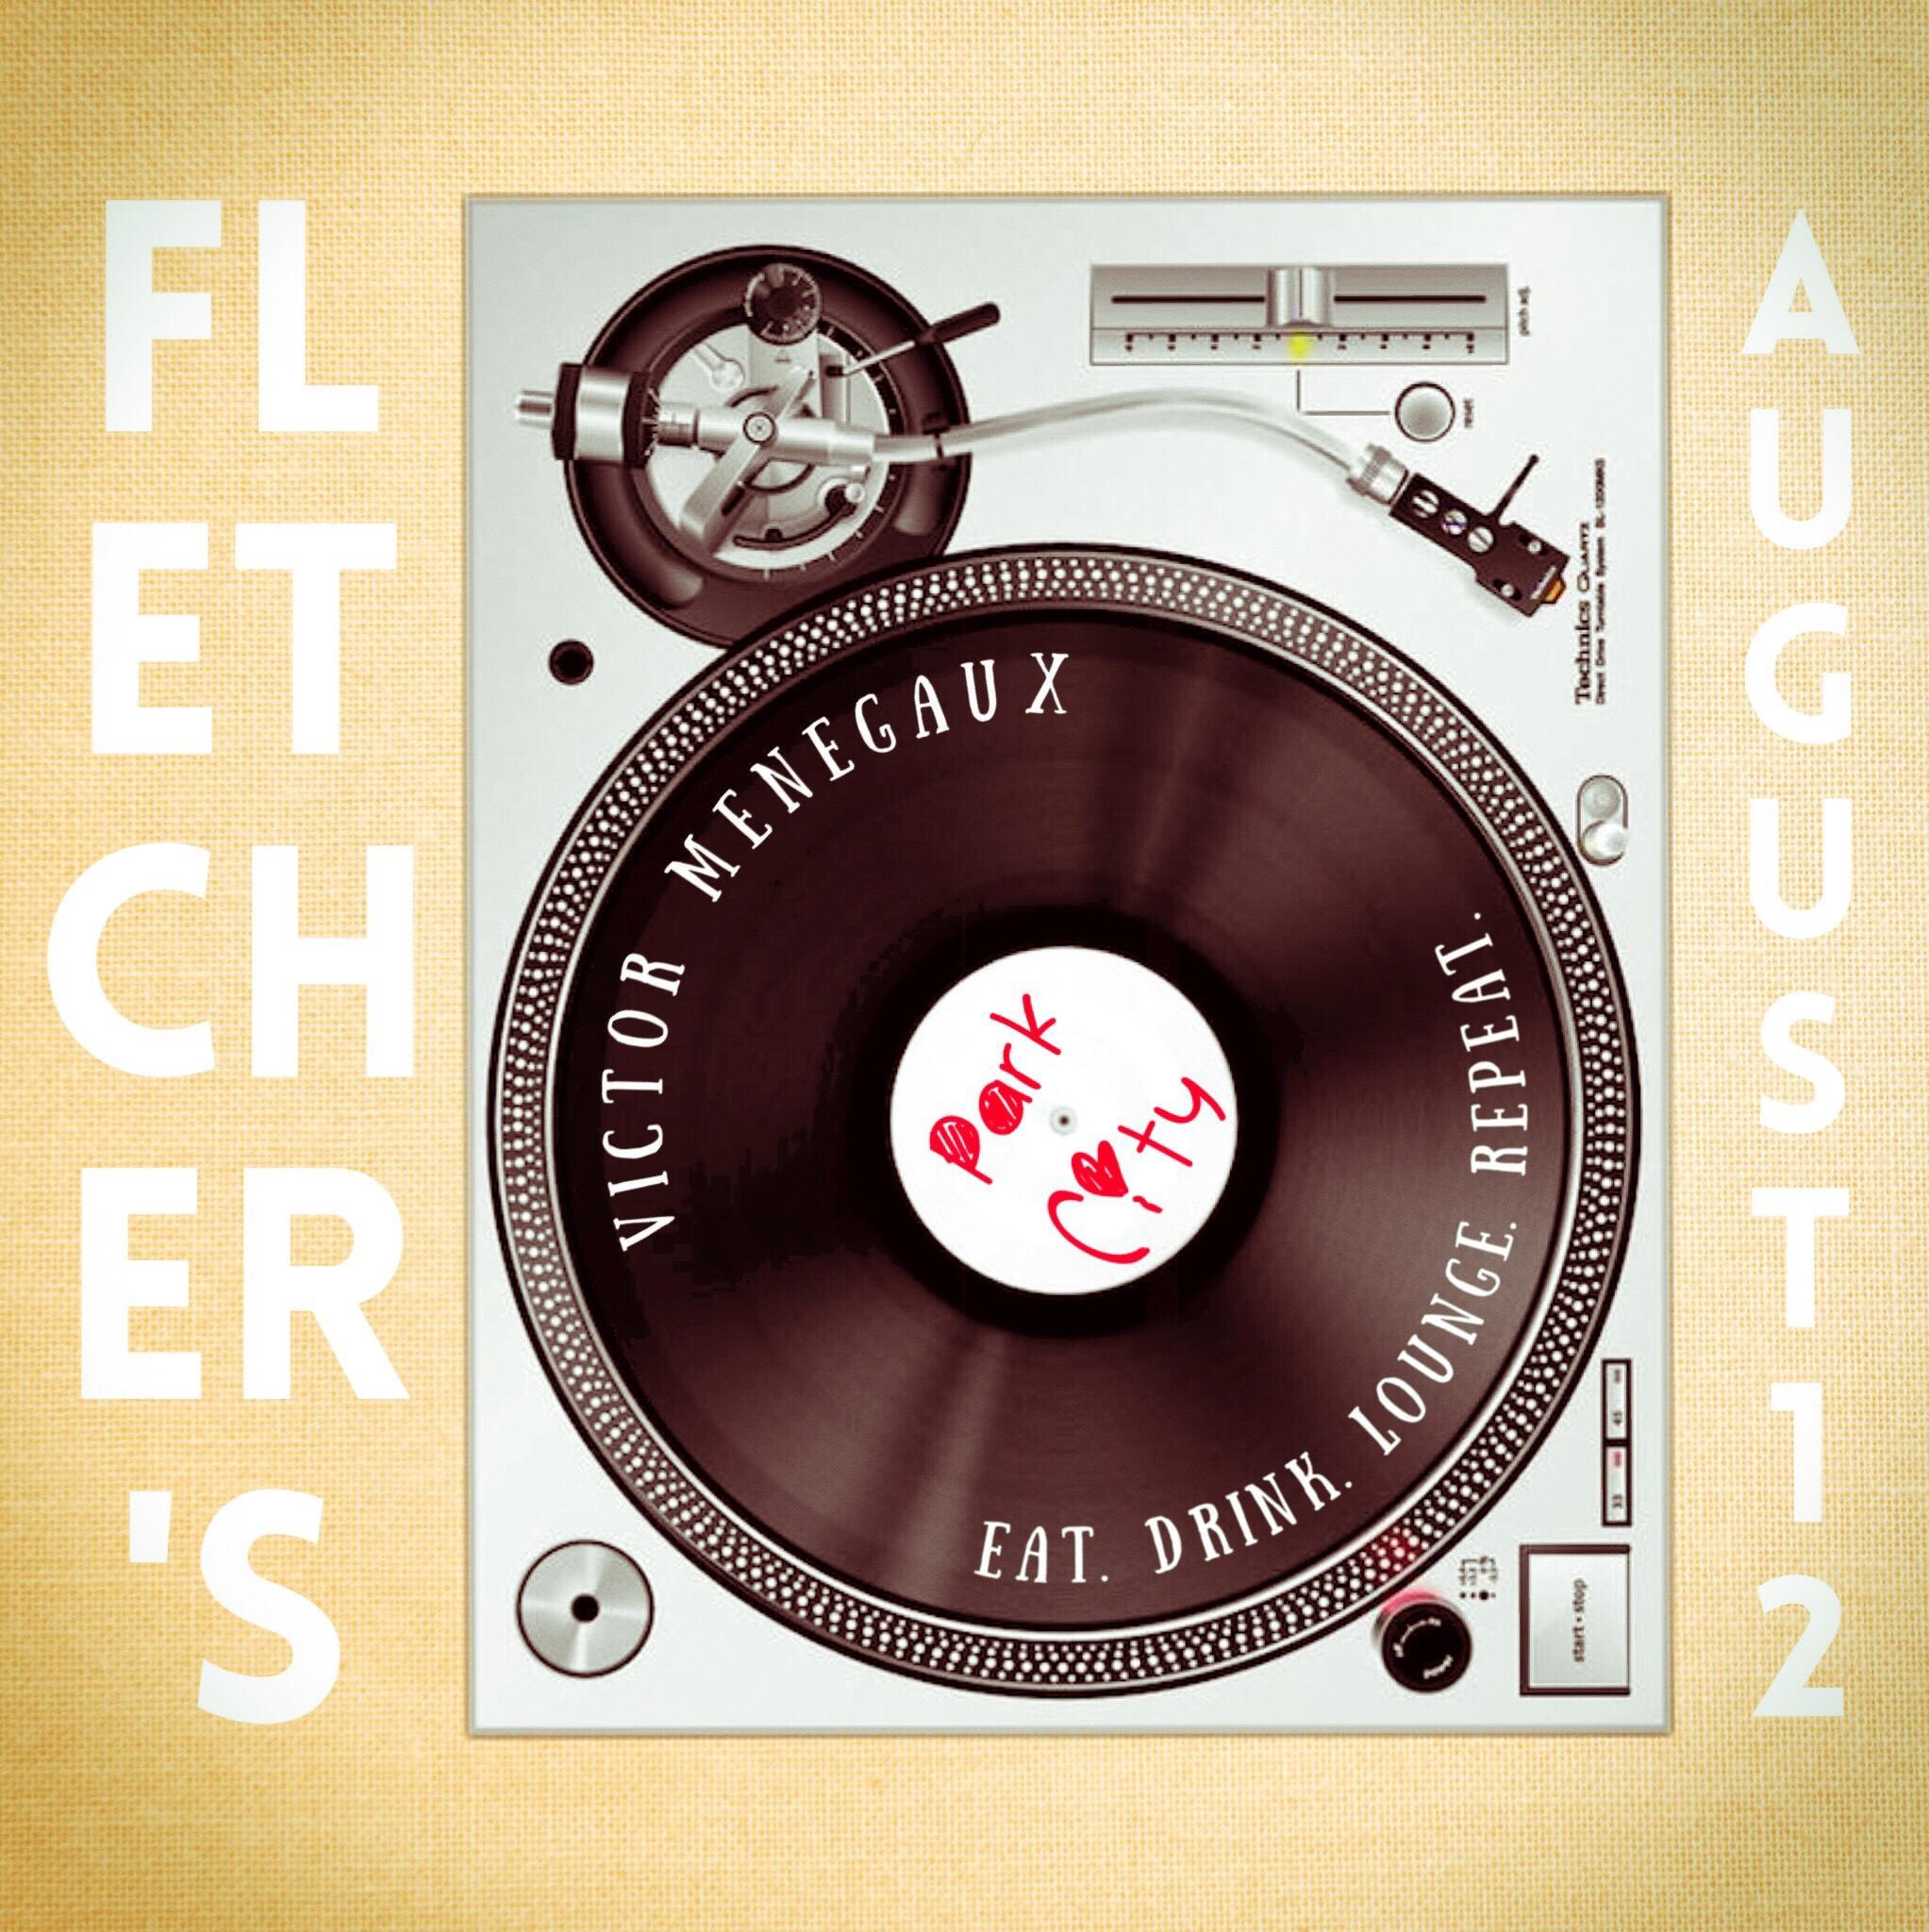 Fletcher's Park City: DJ's & Promotions